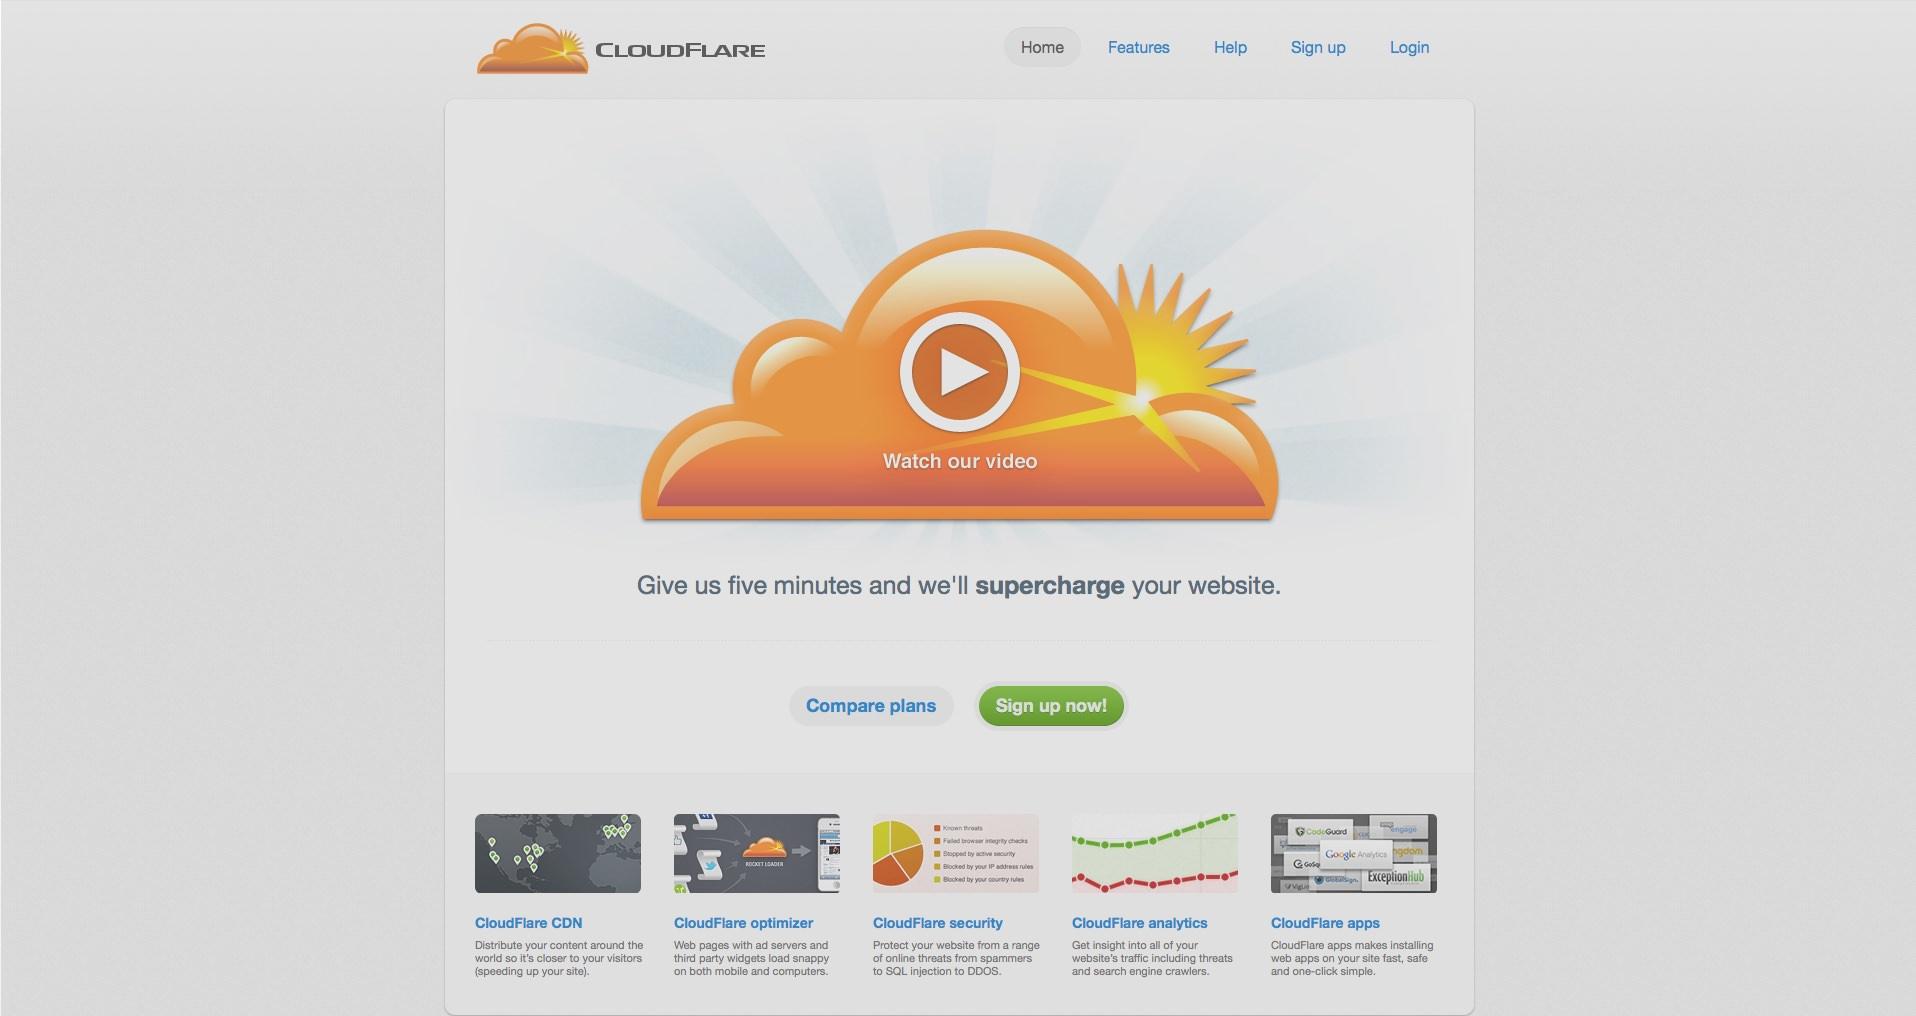 Utiliser Cloudflare avec One.com